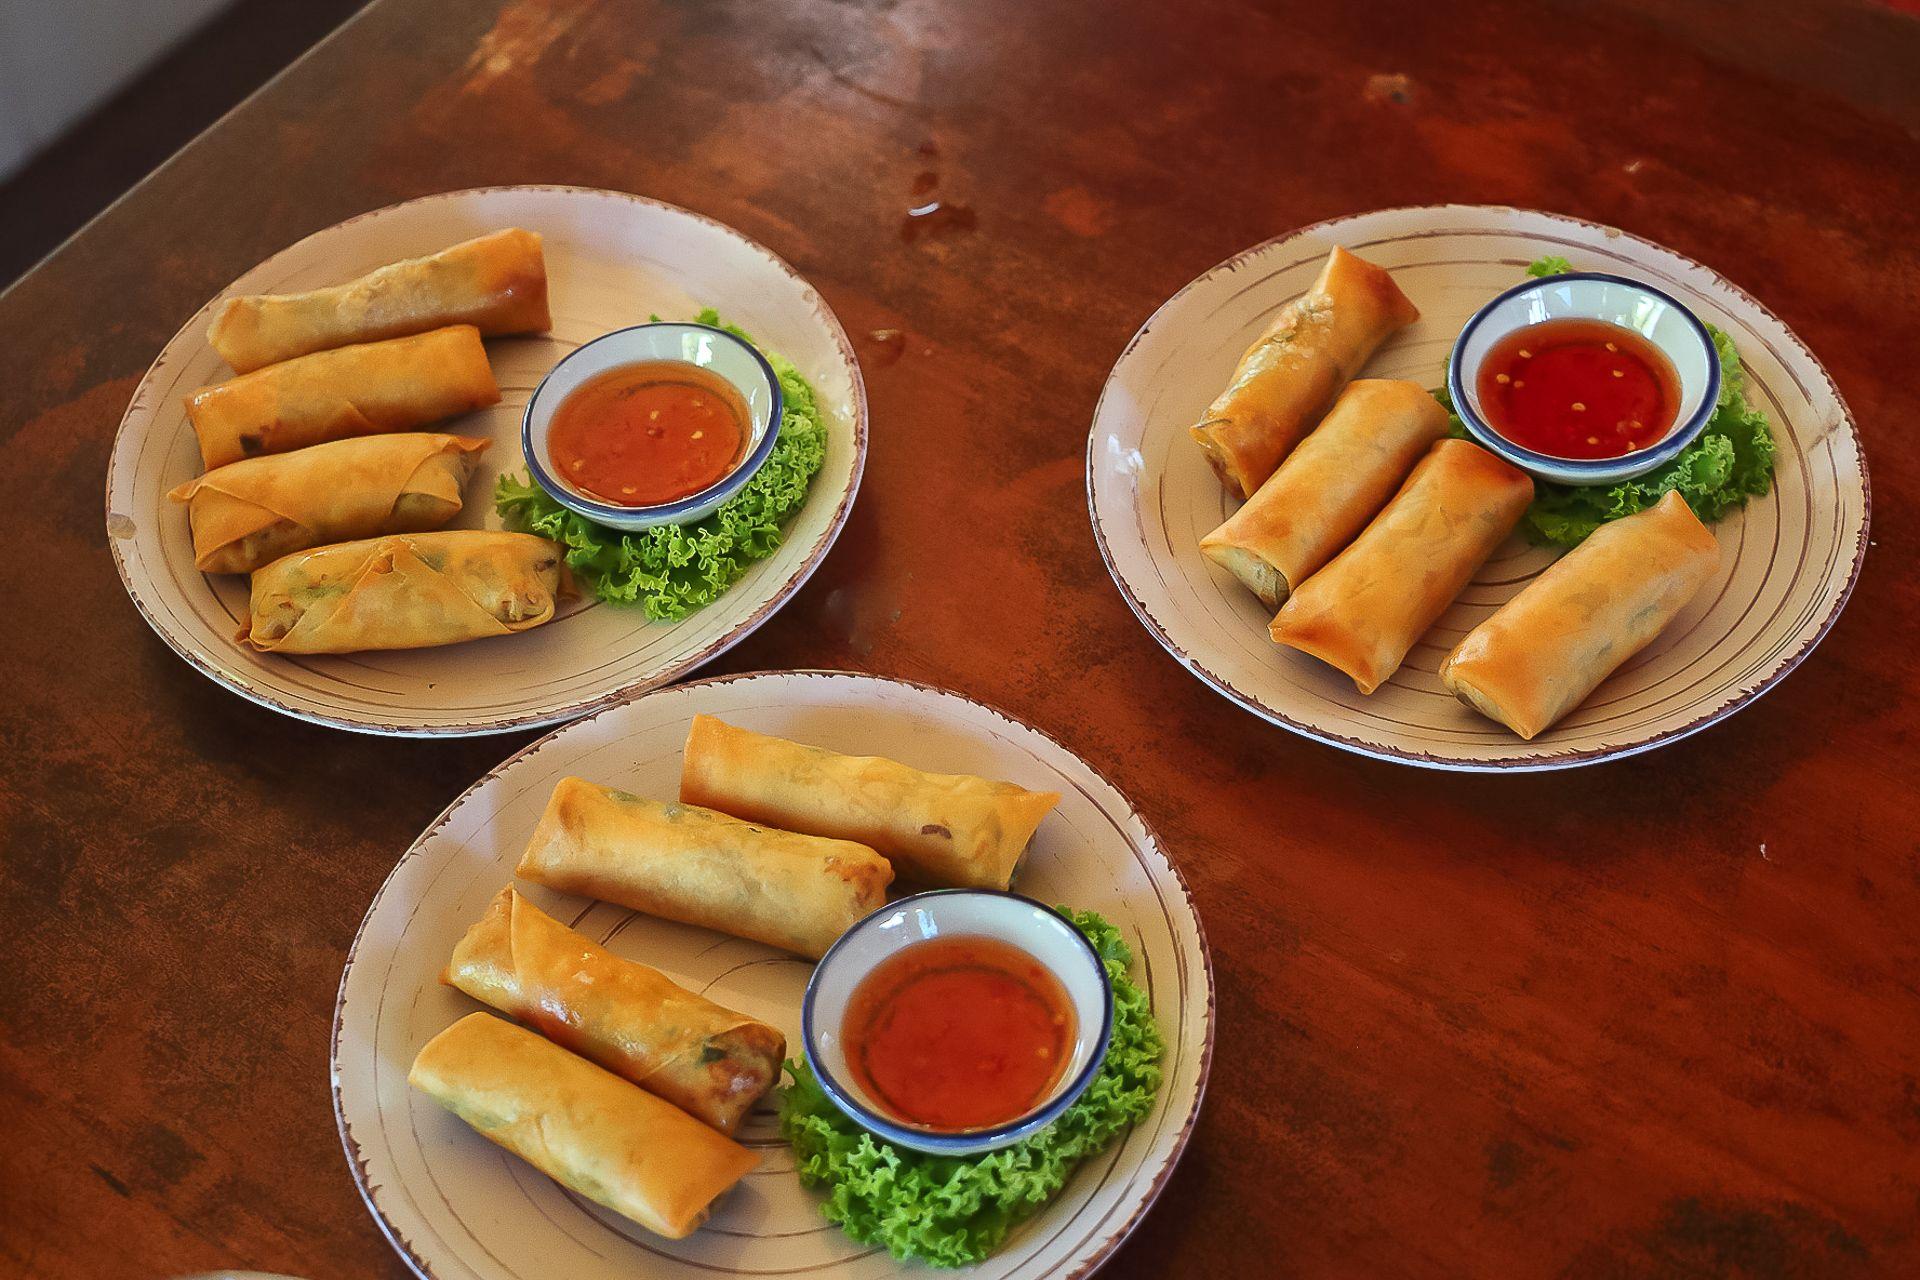 Spring rolls, спринг роллы рецепт, жареные спринг роллы, спринг роллы из рисовой бумаги, тайская кухня, весенние роллы рецепт, готовим тайские блюда, курсы тайской кухни, Самуи, Таиланд, фото рецепт спринг роллы